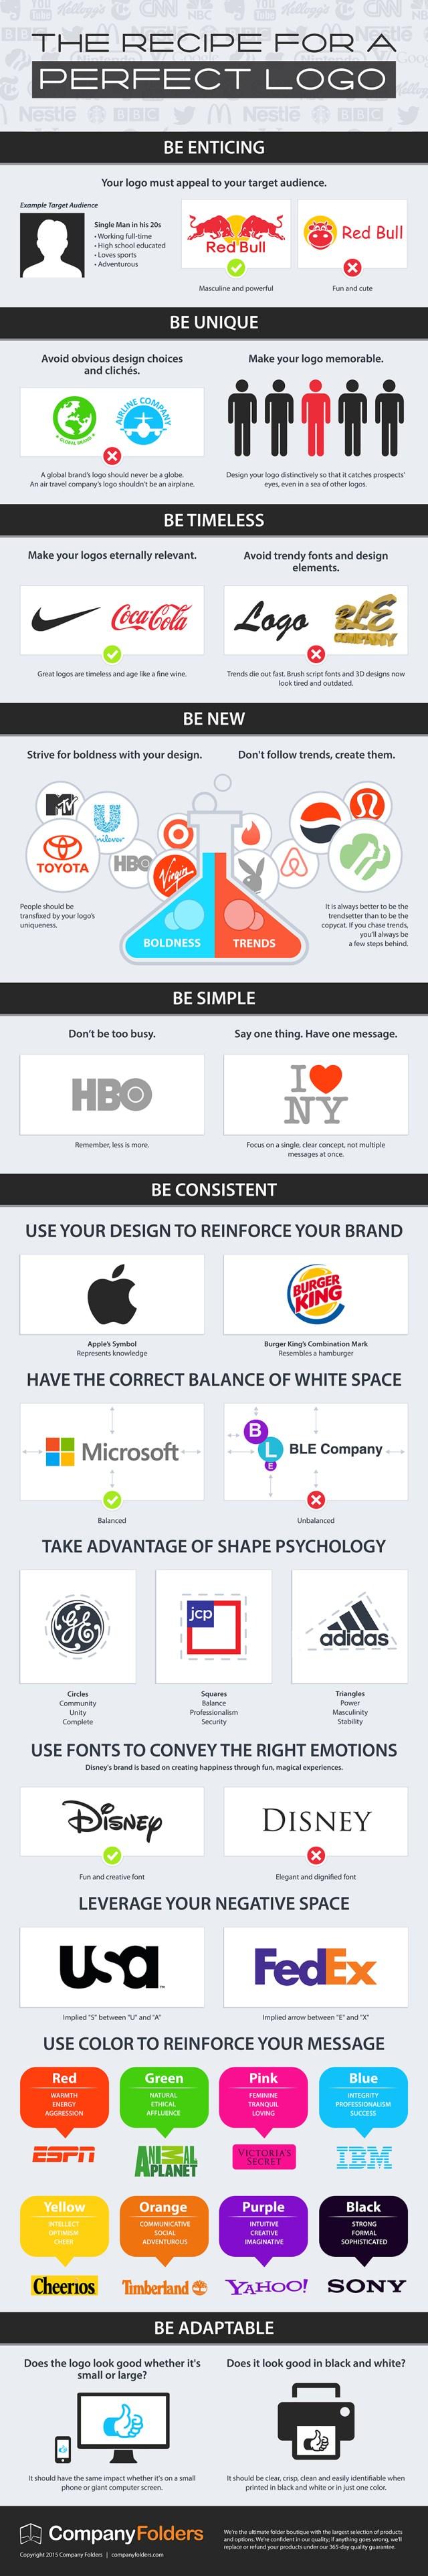 How to Design a Logo